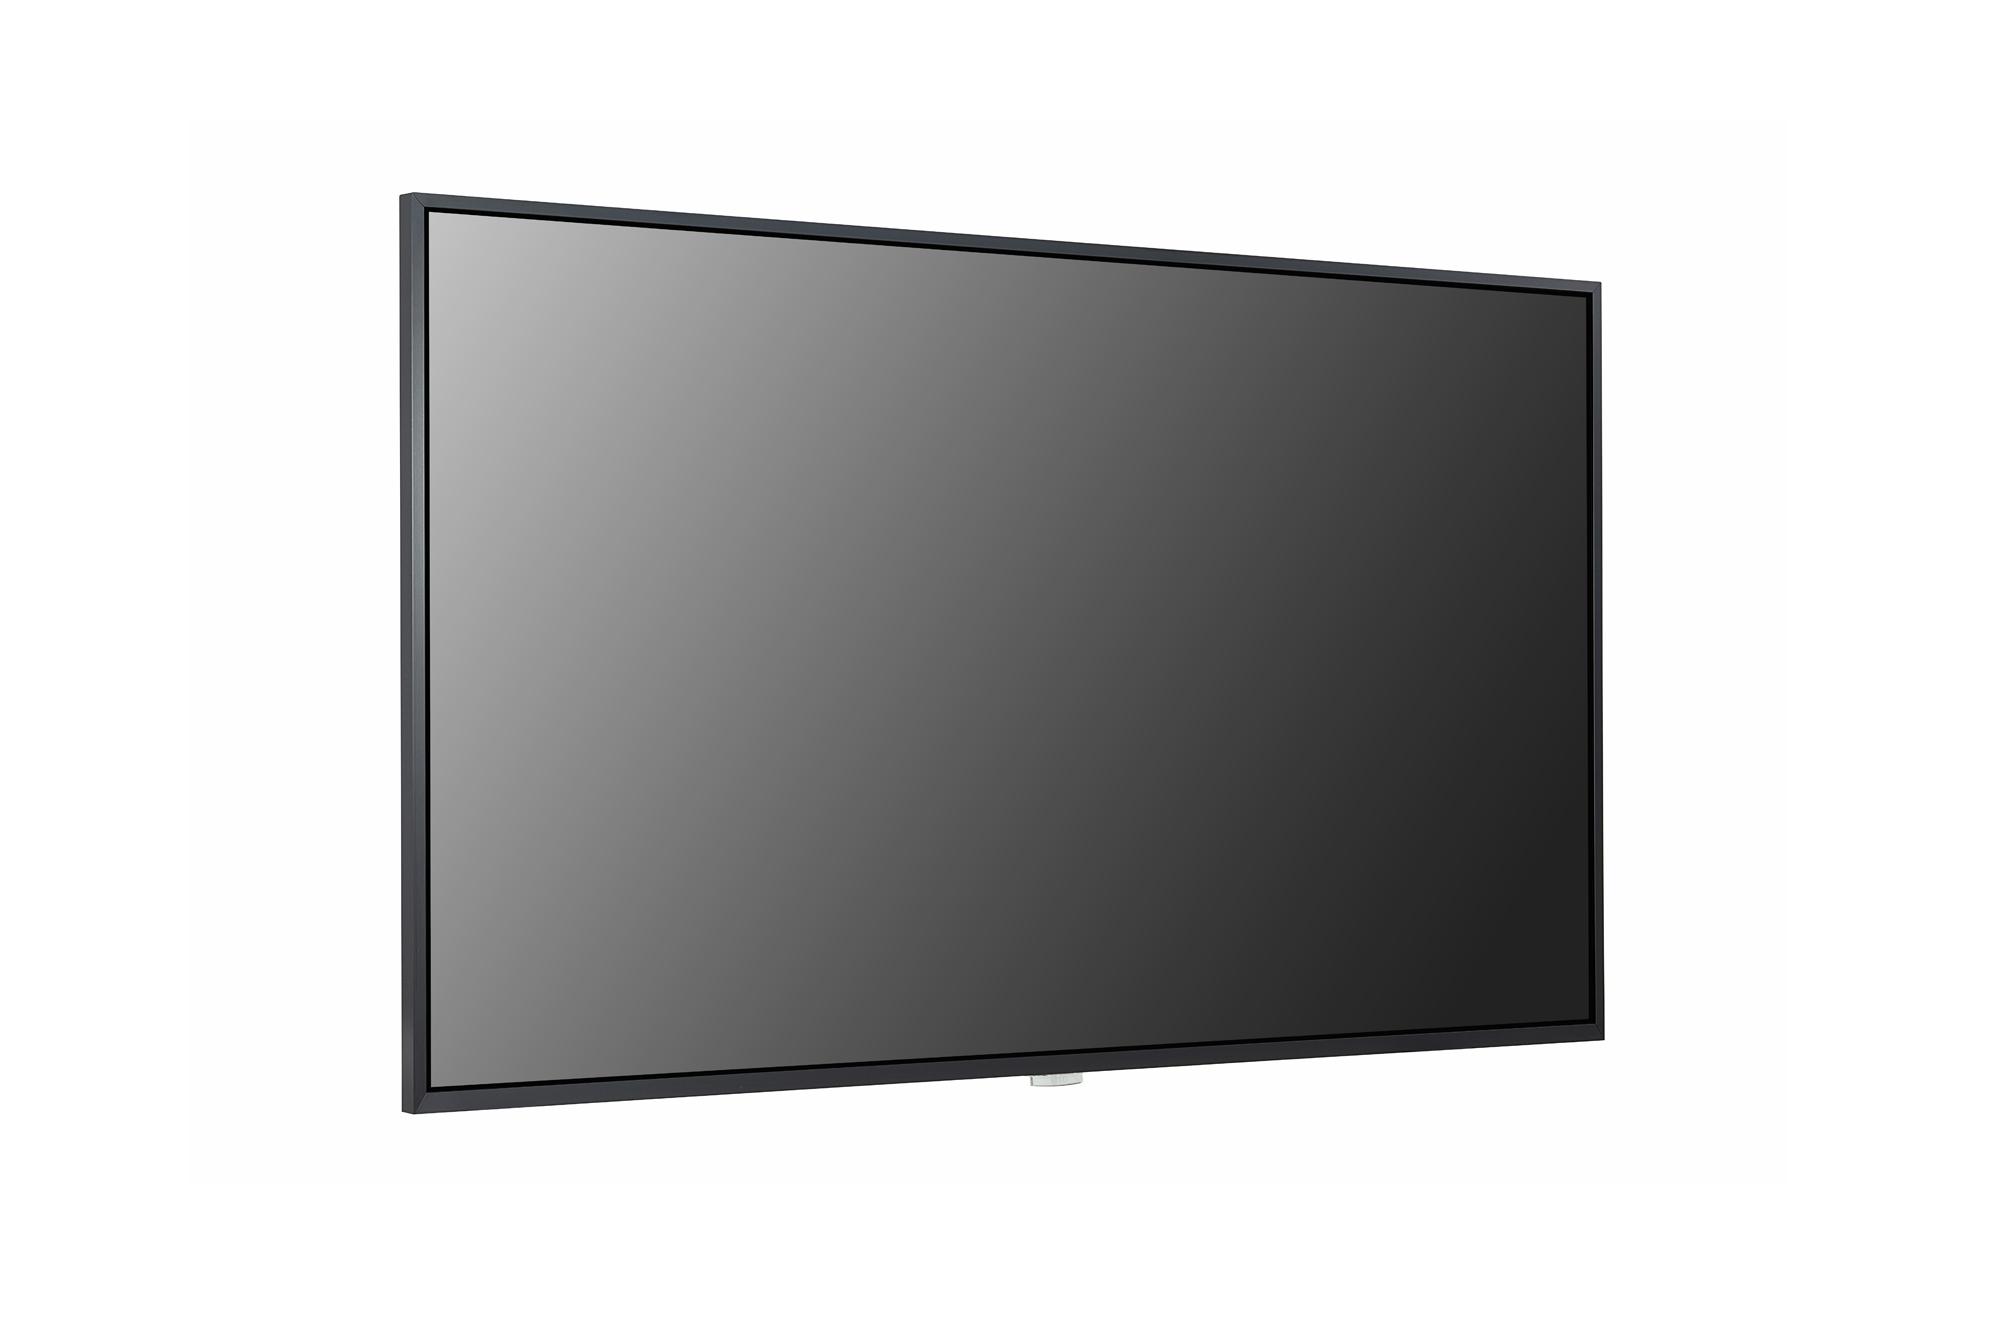 LG Standard Premium 65UH5F-B